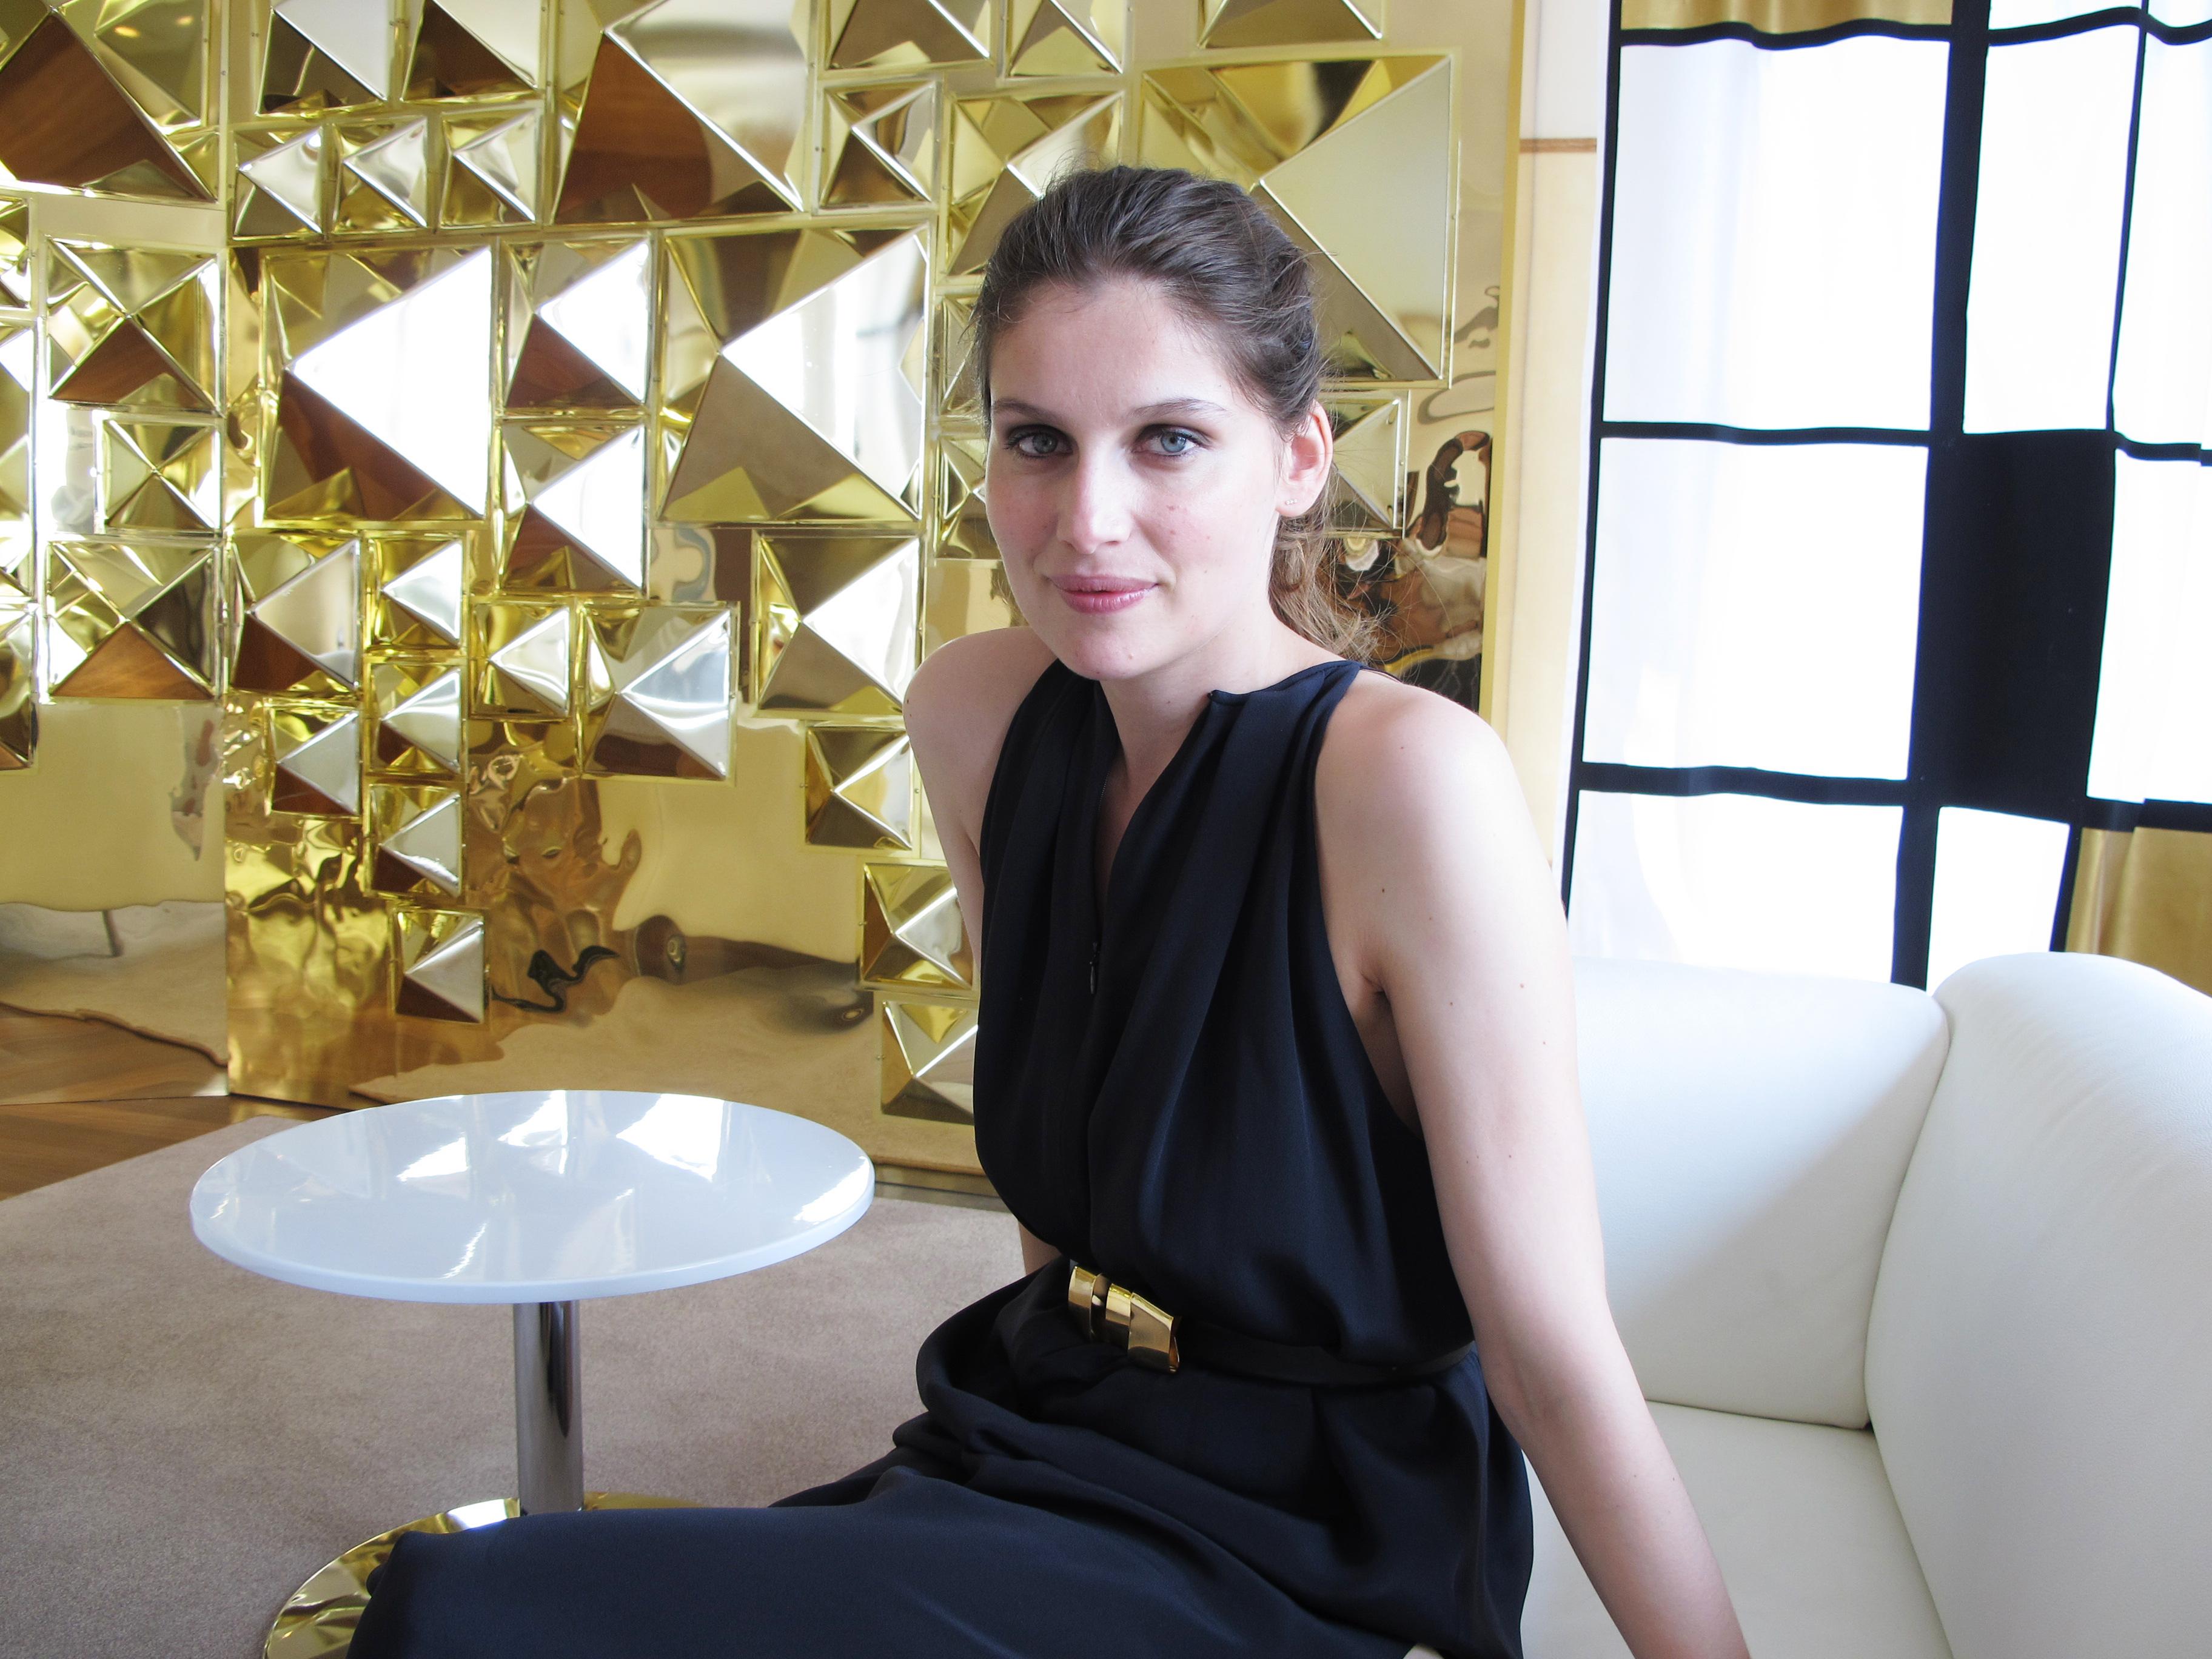 Franska toppmodellen Latetia Casta gillar inte att sminka sig. Foto: Agneta Elmegård